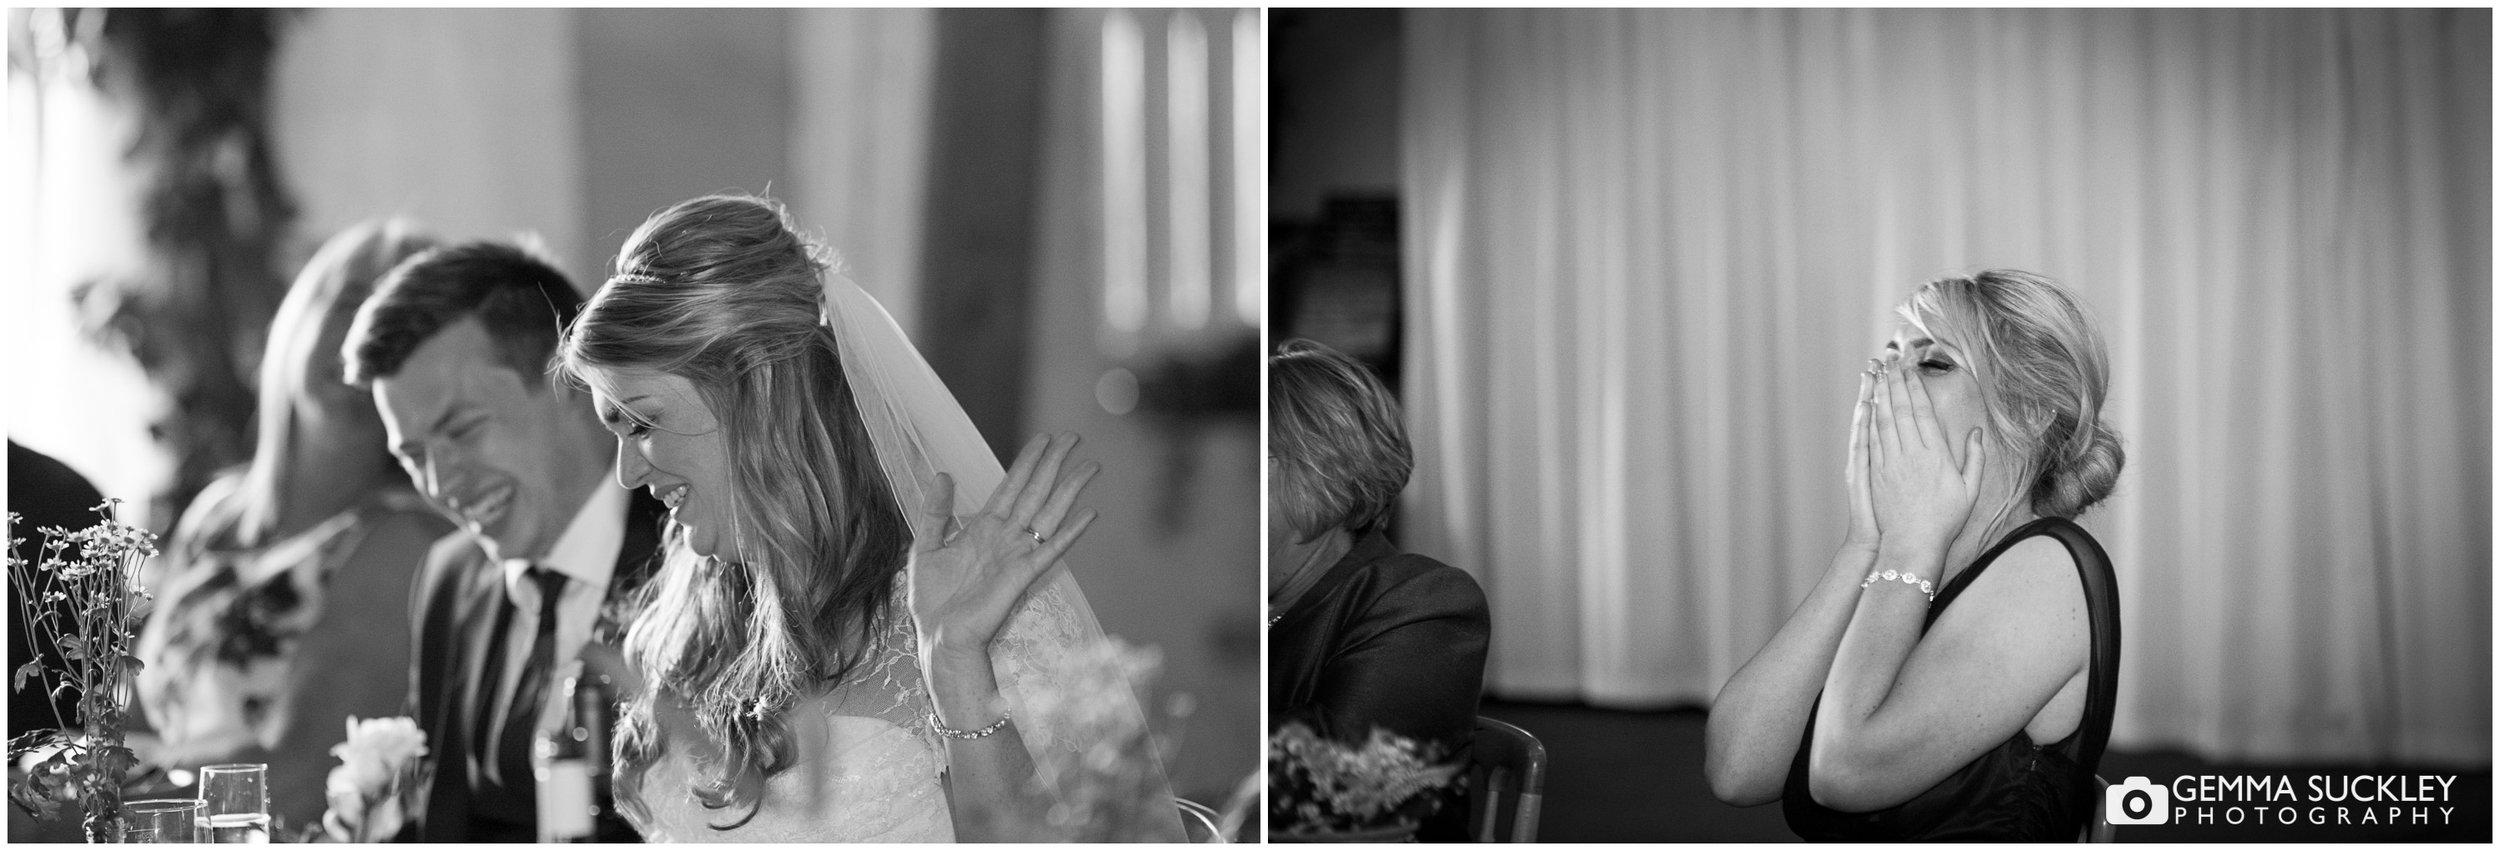 east-riddlesden-hall-wedding-speeches-©gemmasuckleyphotography.JPG